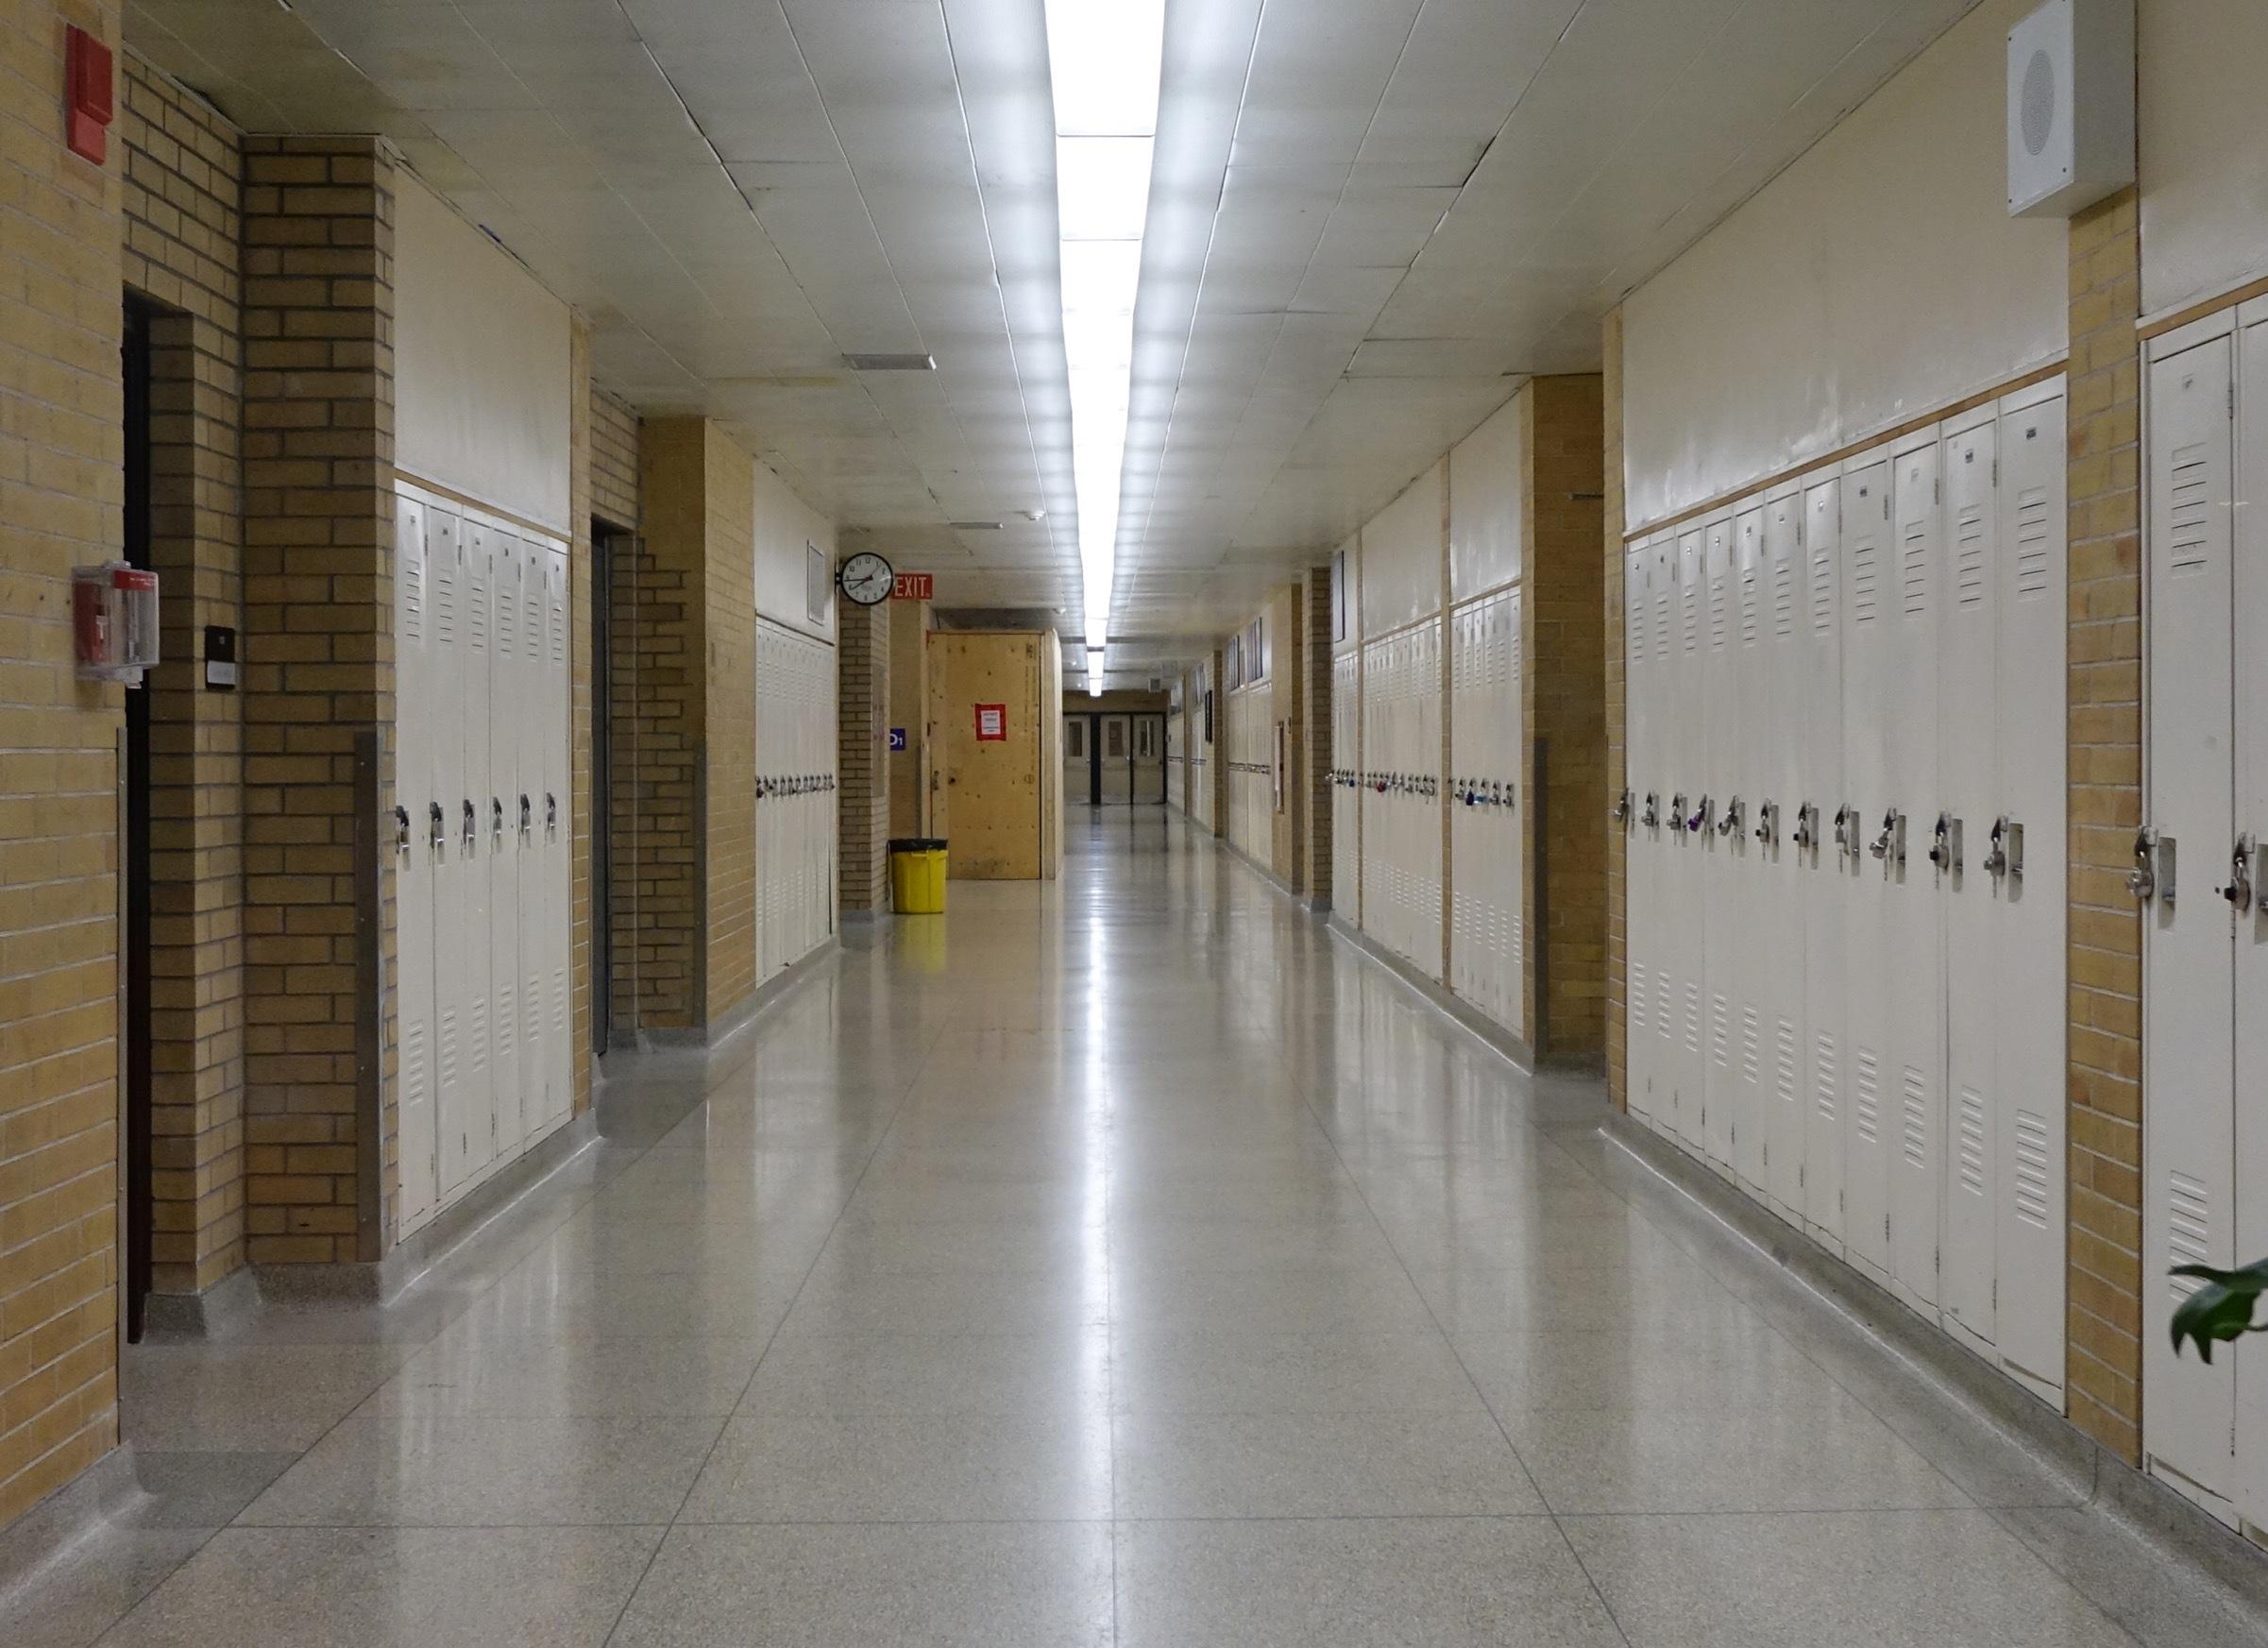 Inside Bell High School. (Stu Mills/CBC)